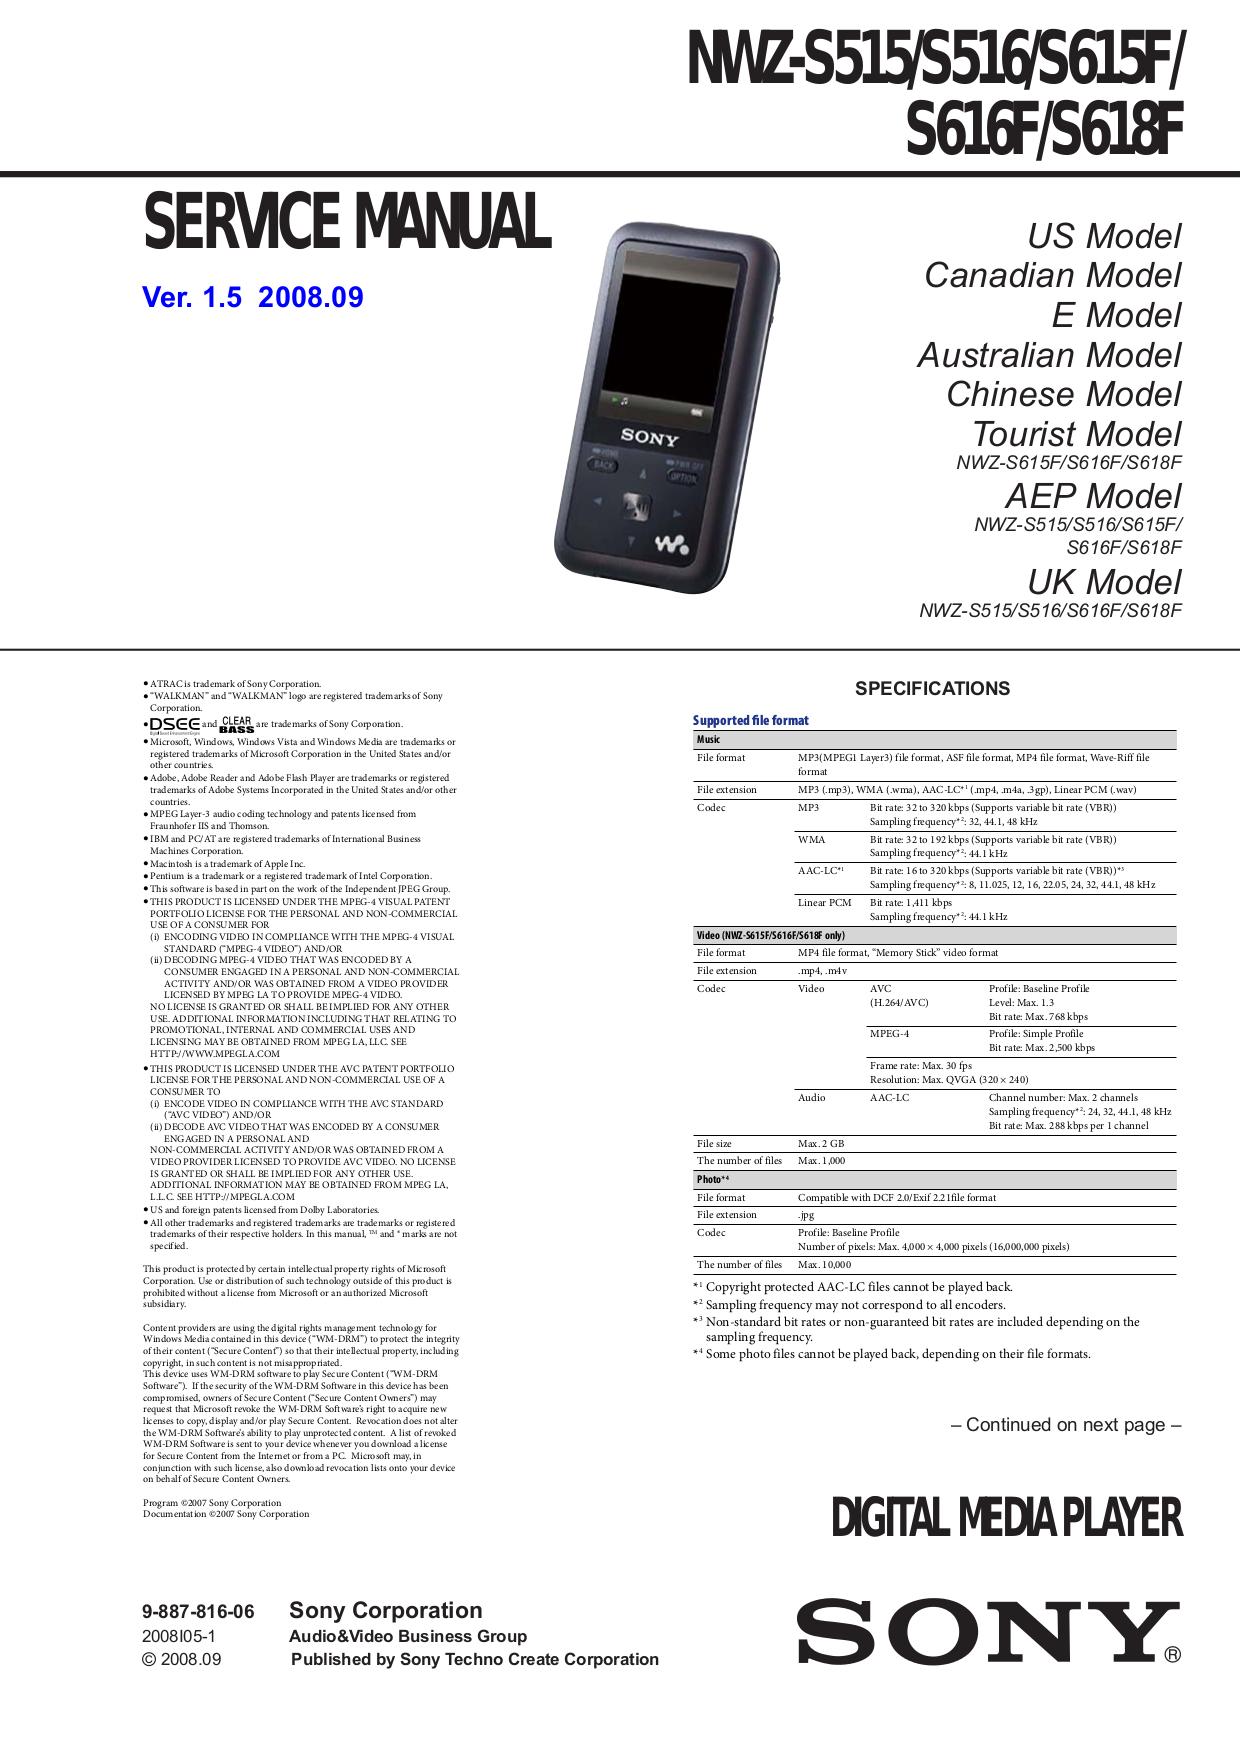 download free pdf for sony walkman nwz s515 mp3 player manual rh umlib com sony walkman sports mp3 player manual sony mp3 player manual nwz-e385